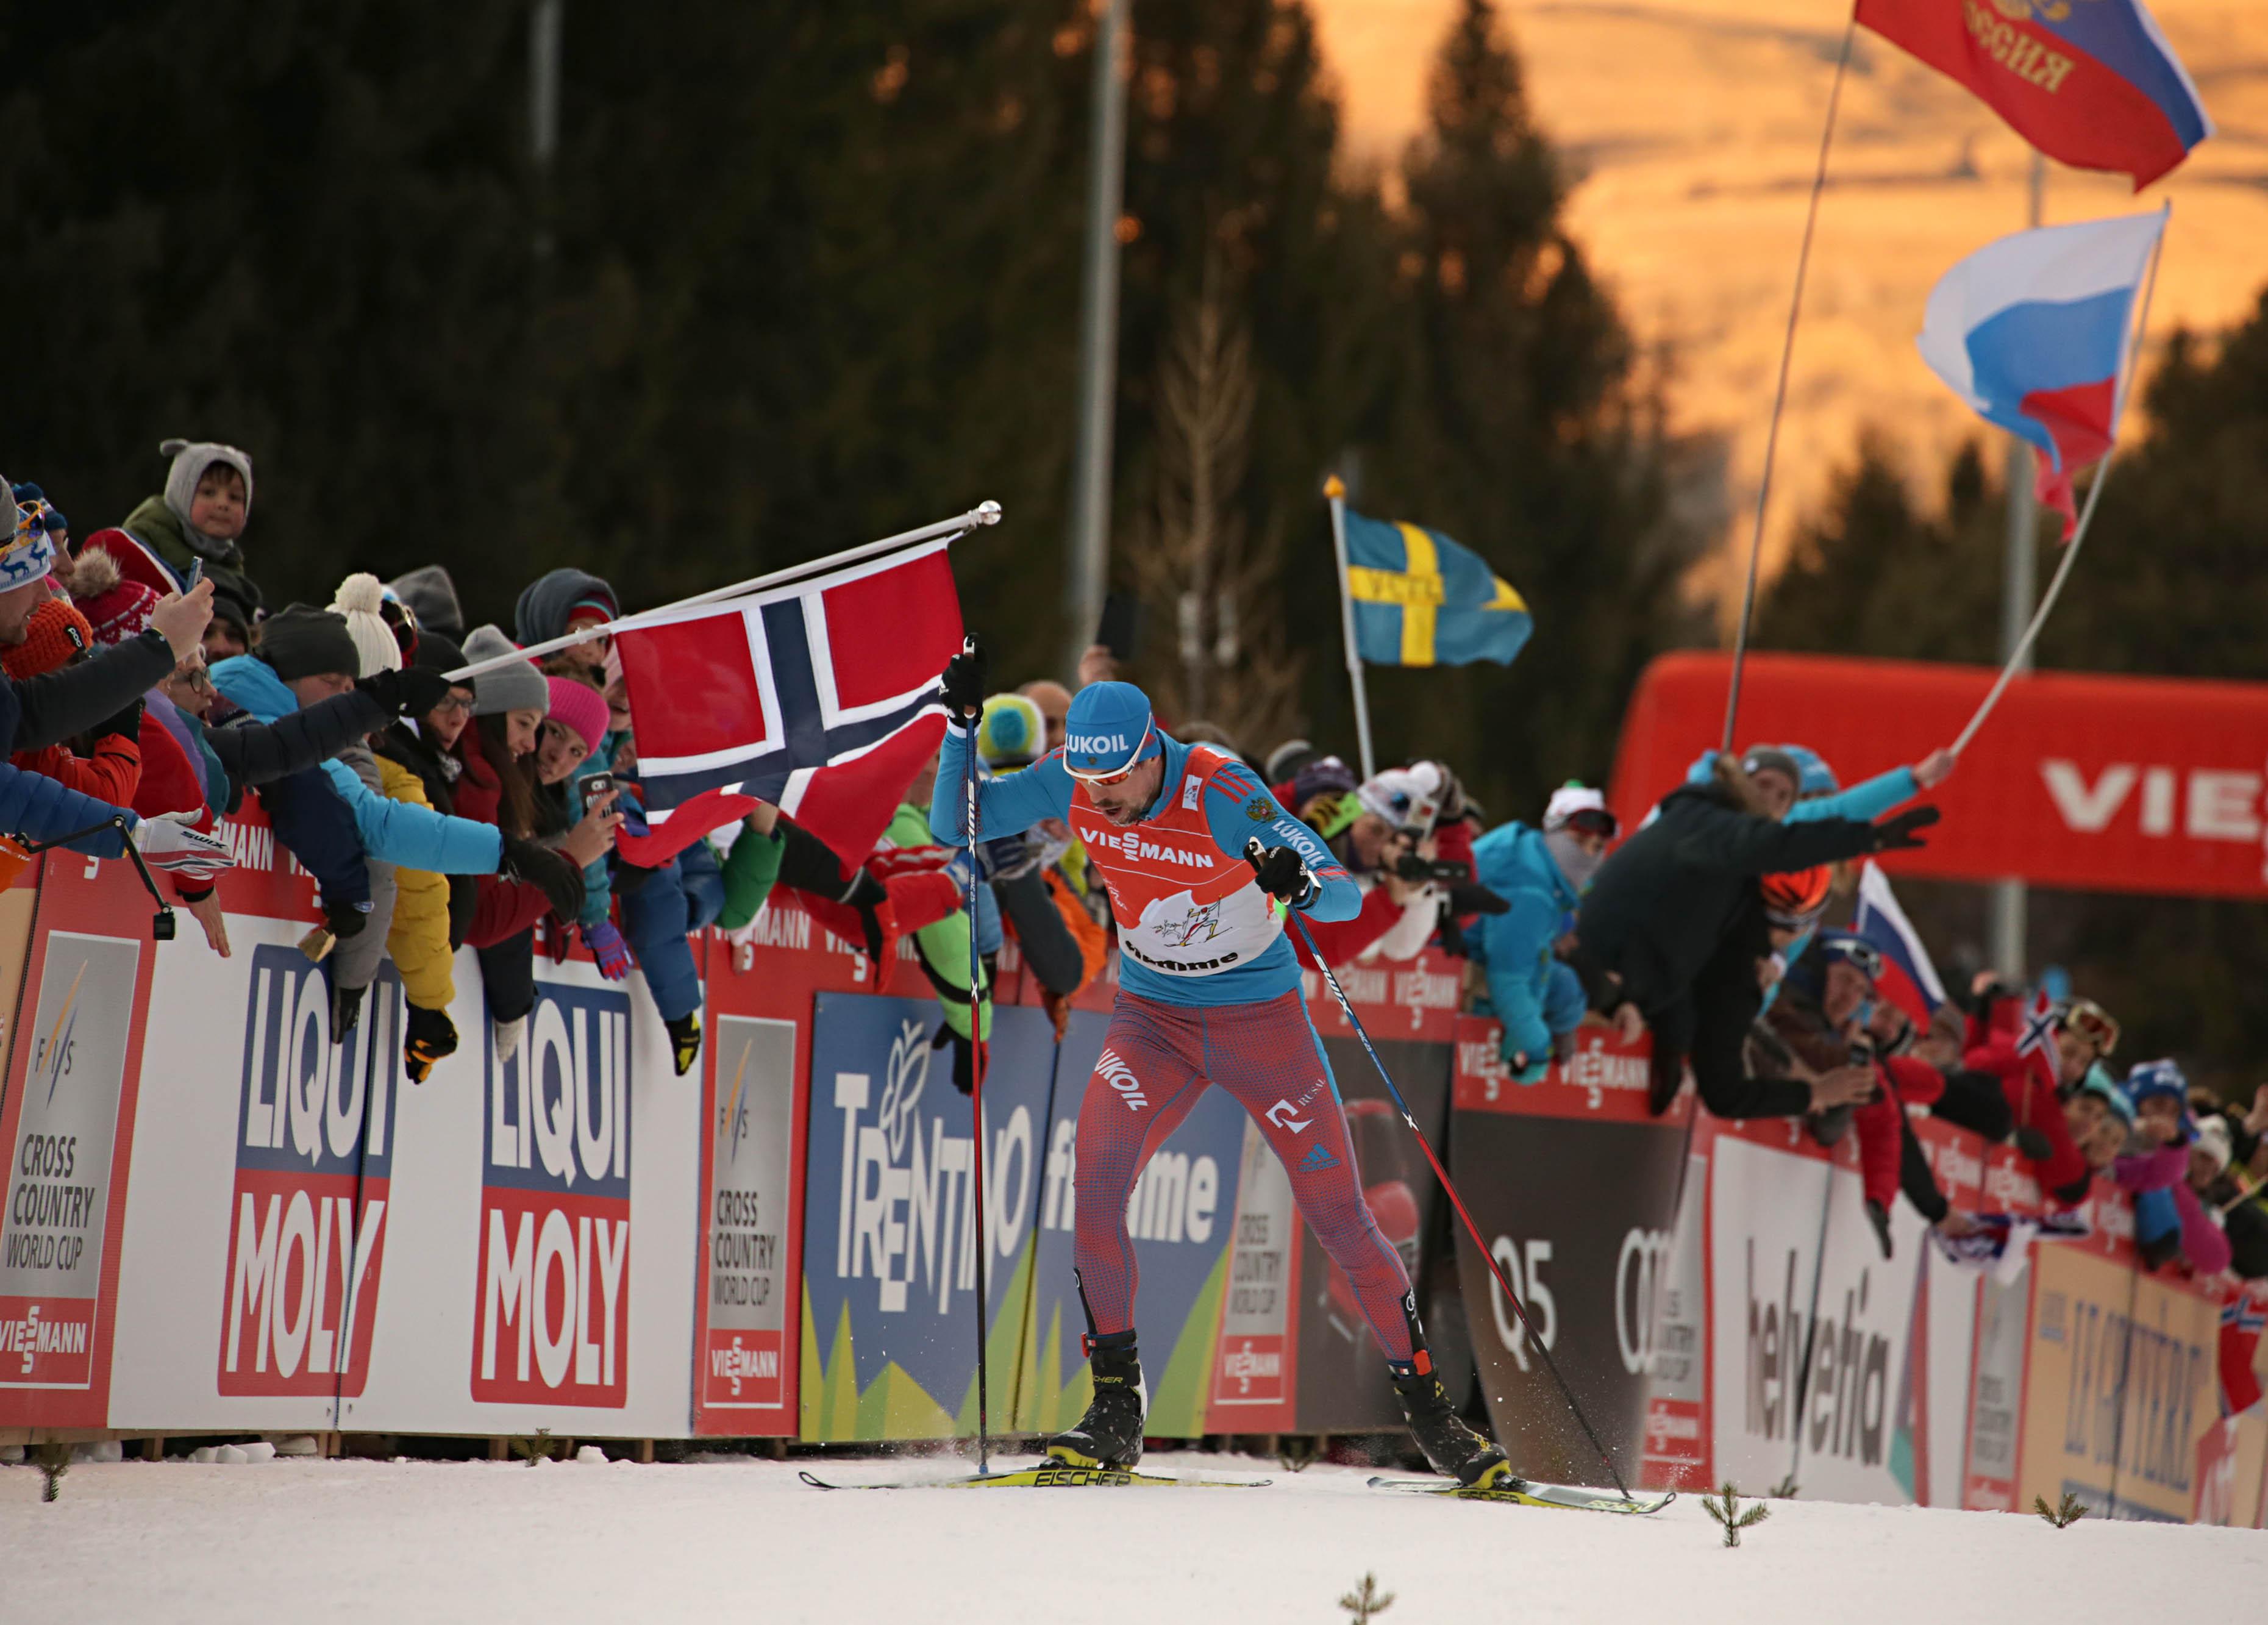 12° Tour de Ski